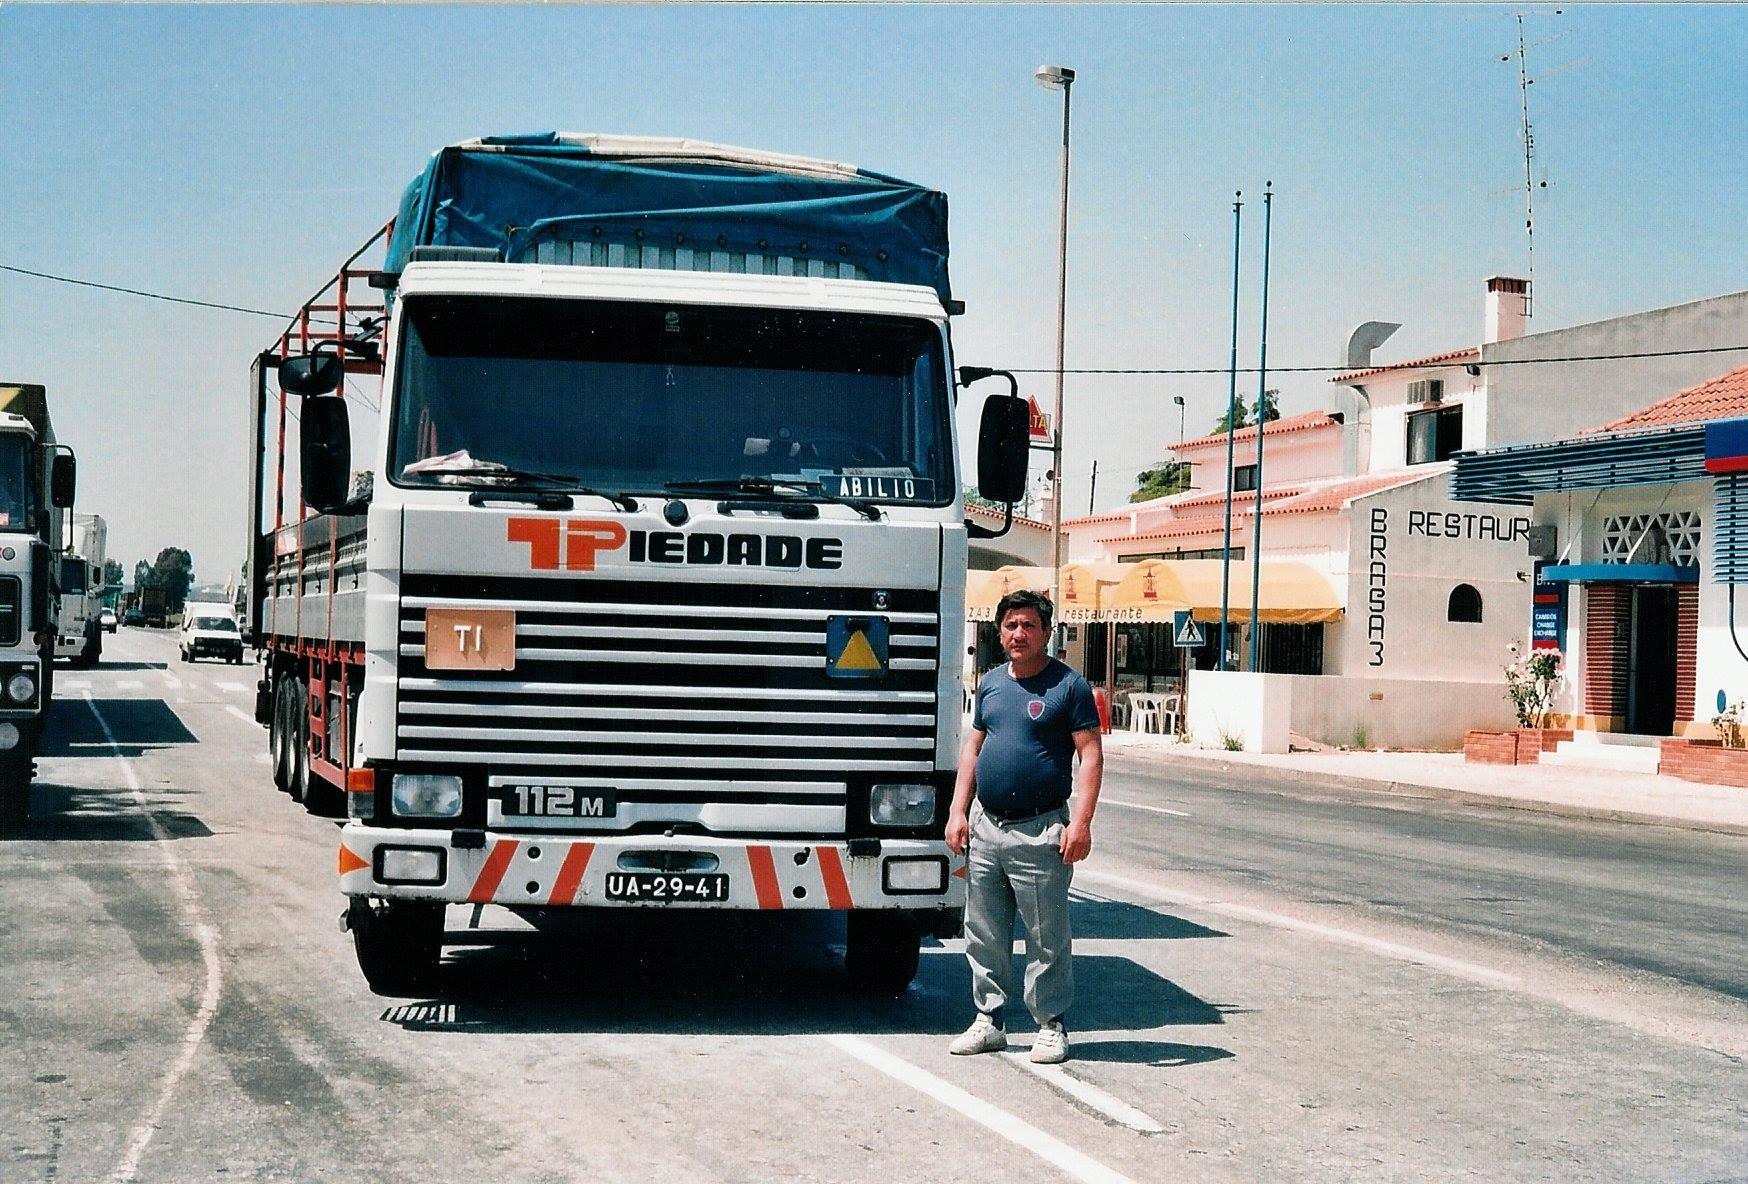 Scania-112M-Restaurante-Brasa--Caia